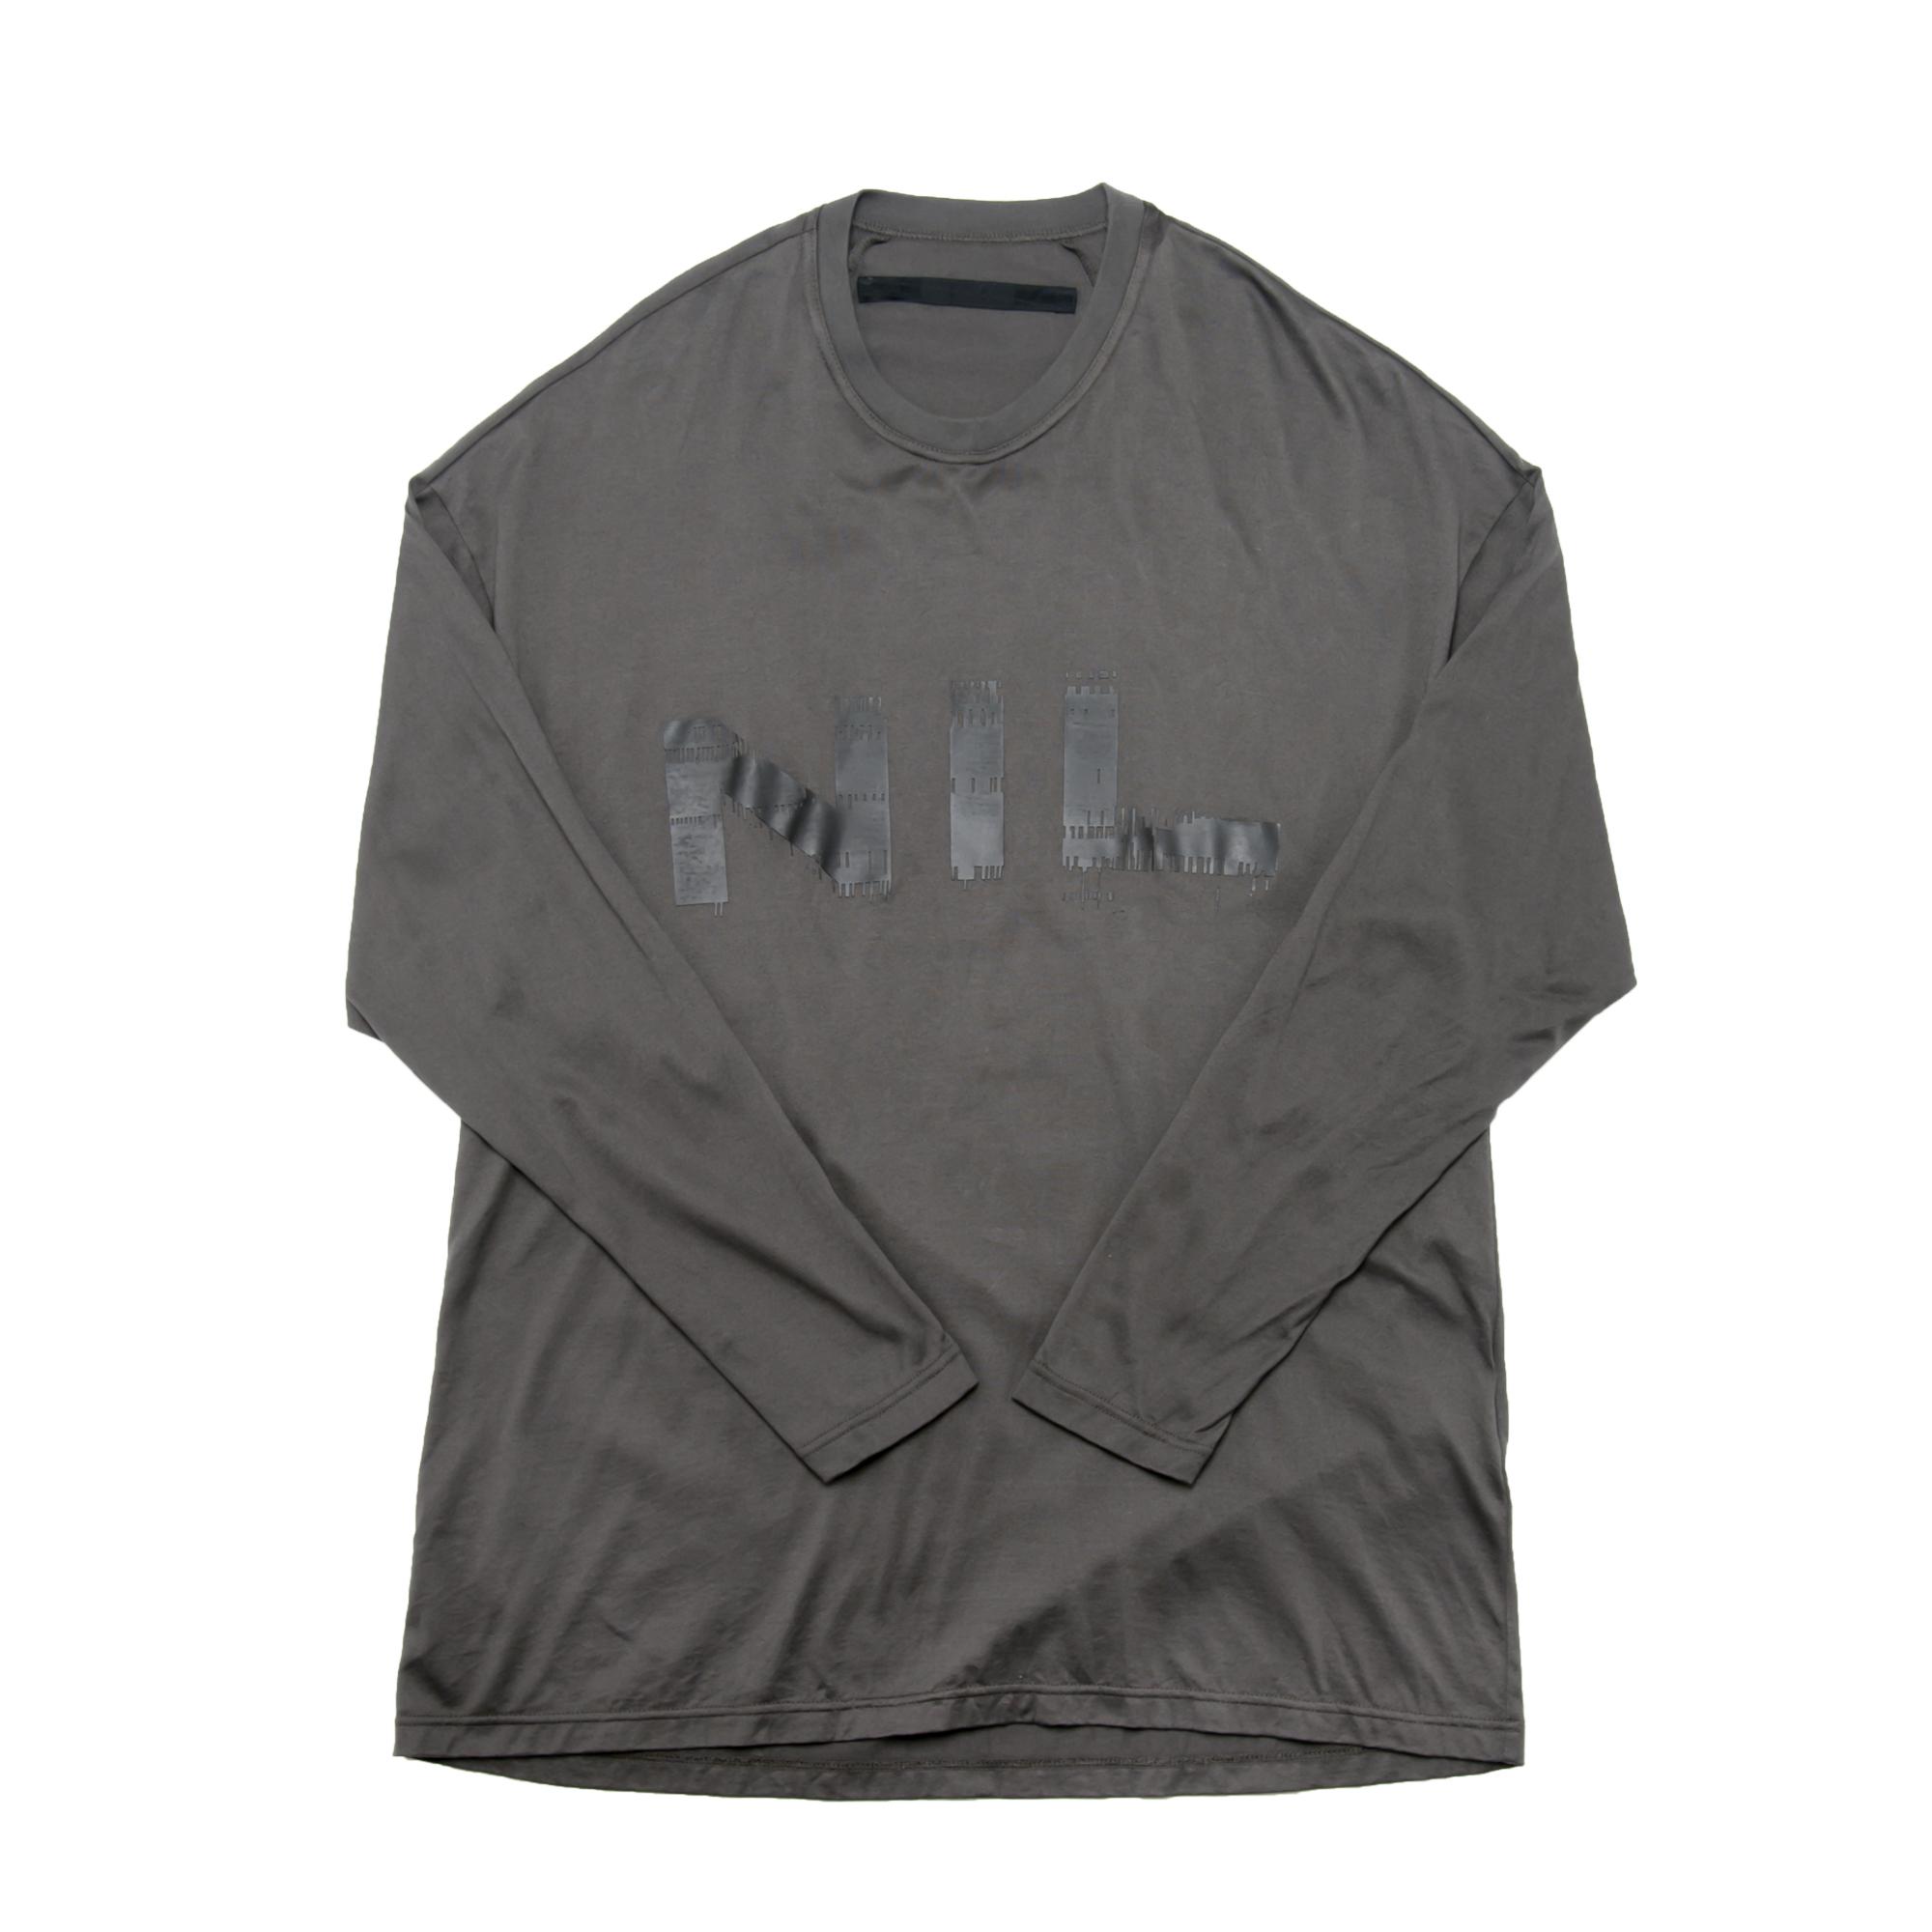 680CPM11-DARK GRAY / NIL ロングスリーブシャツ